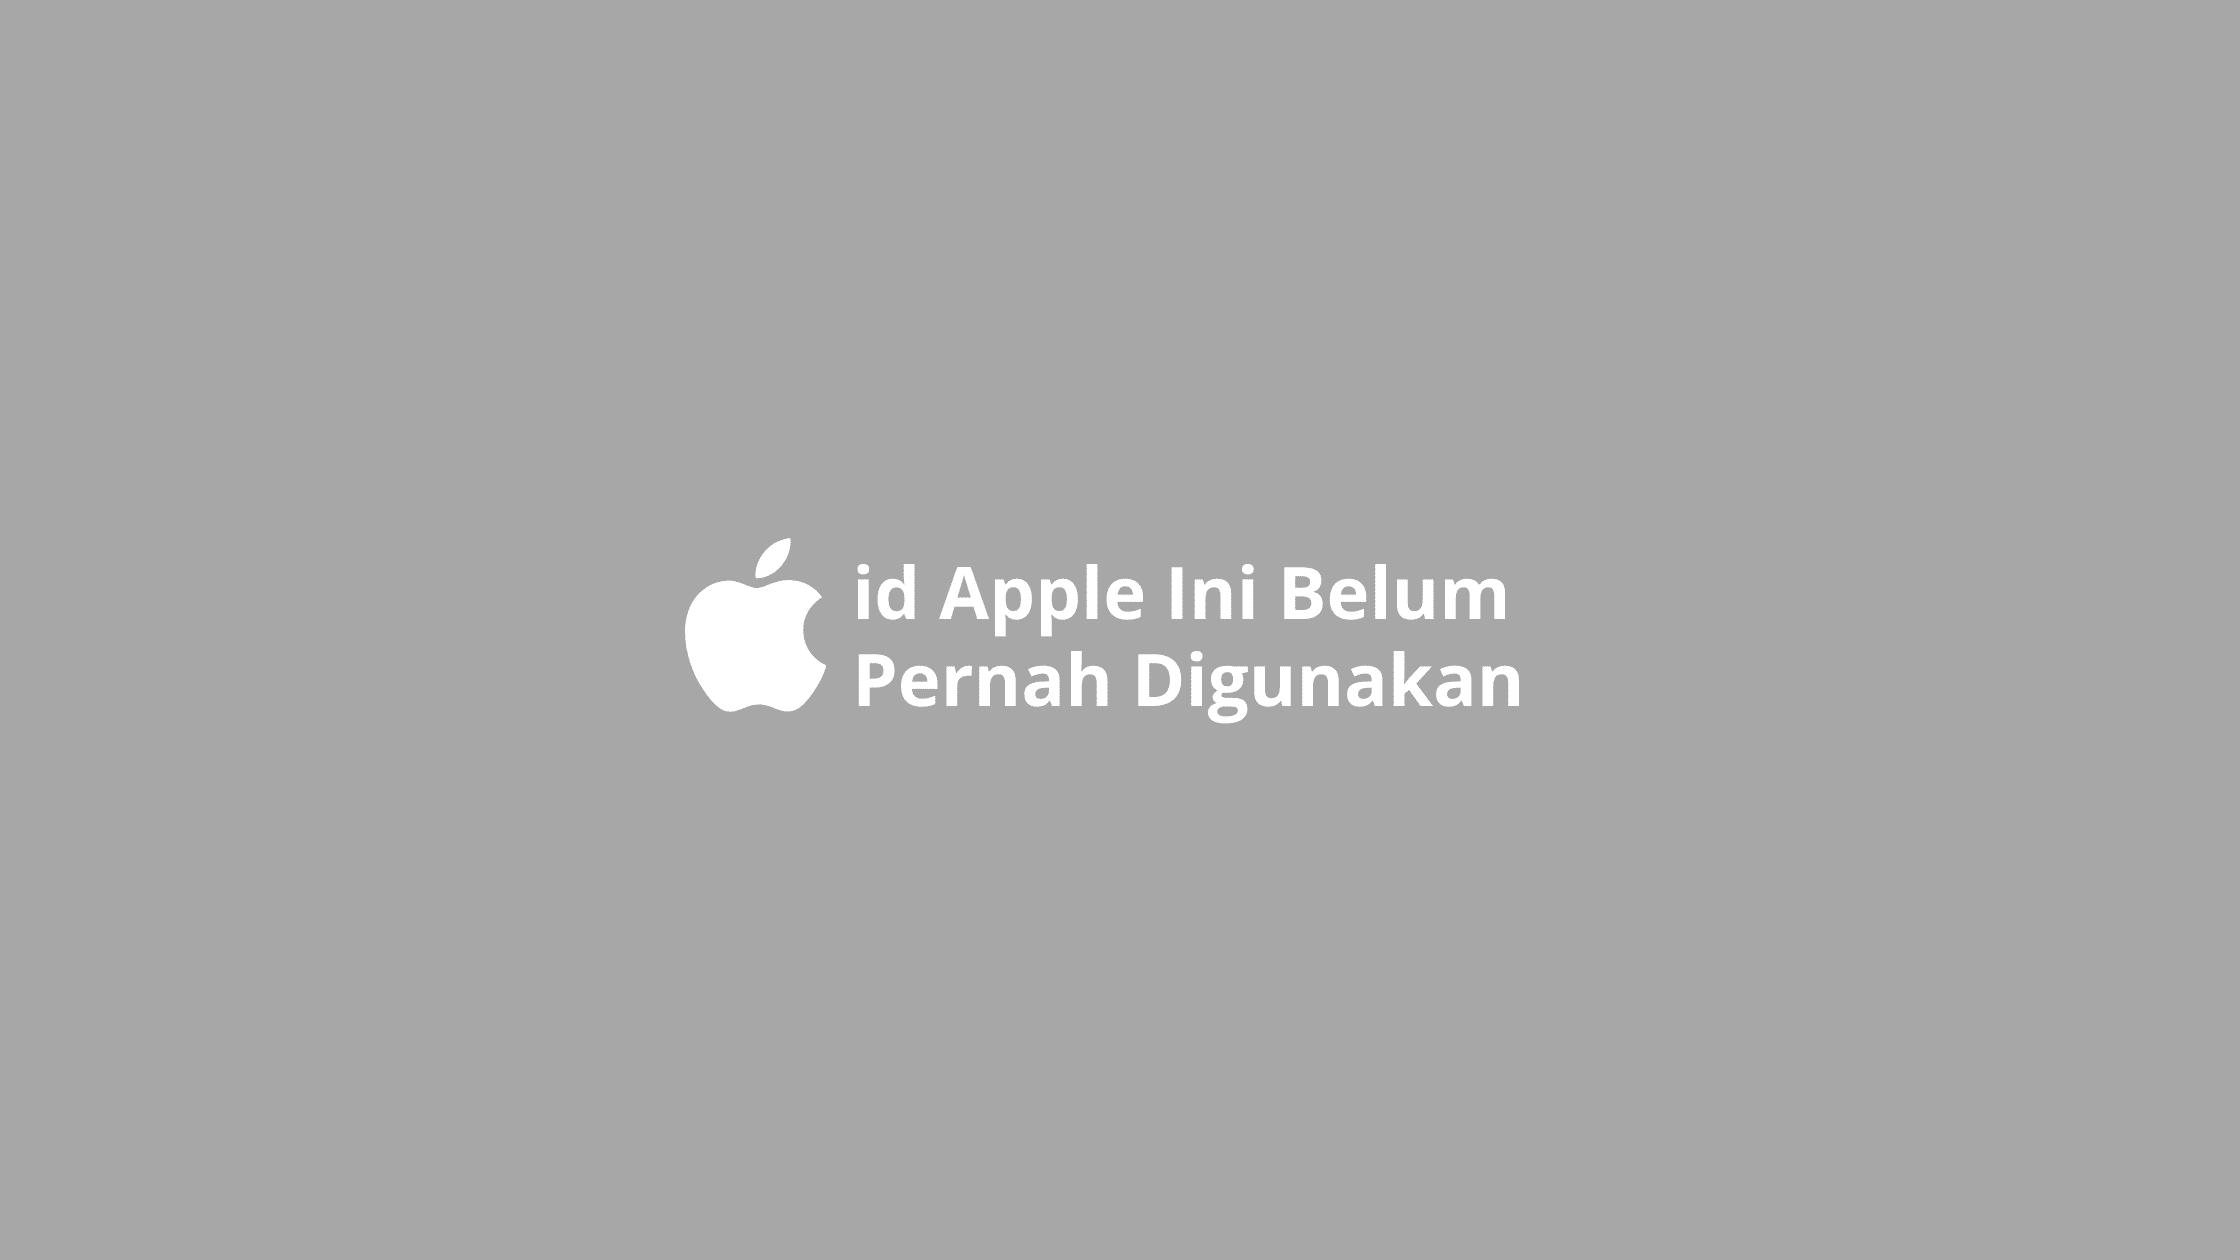 id apple ini belum pernah digunakan di itunes store